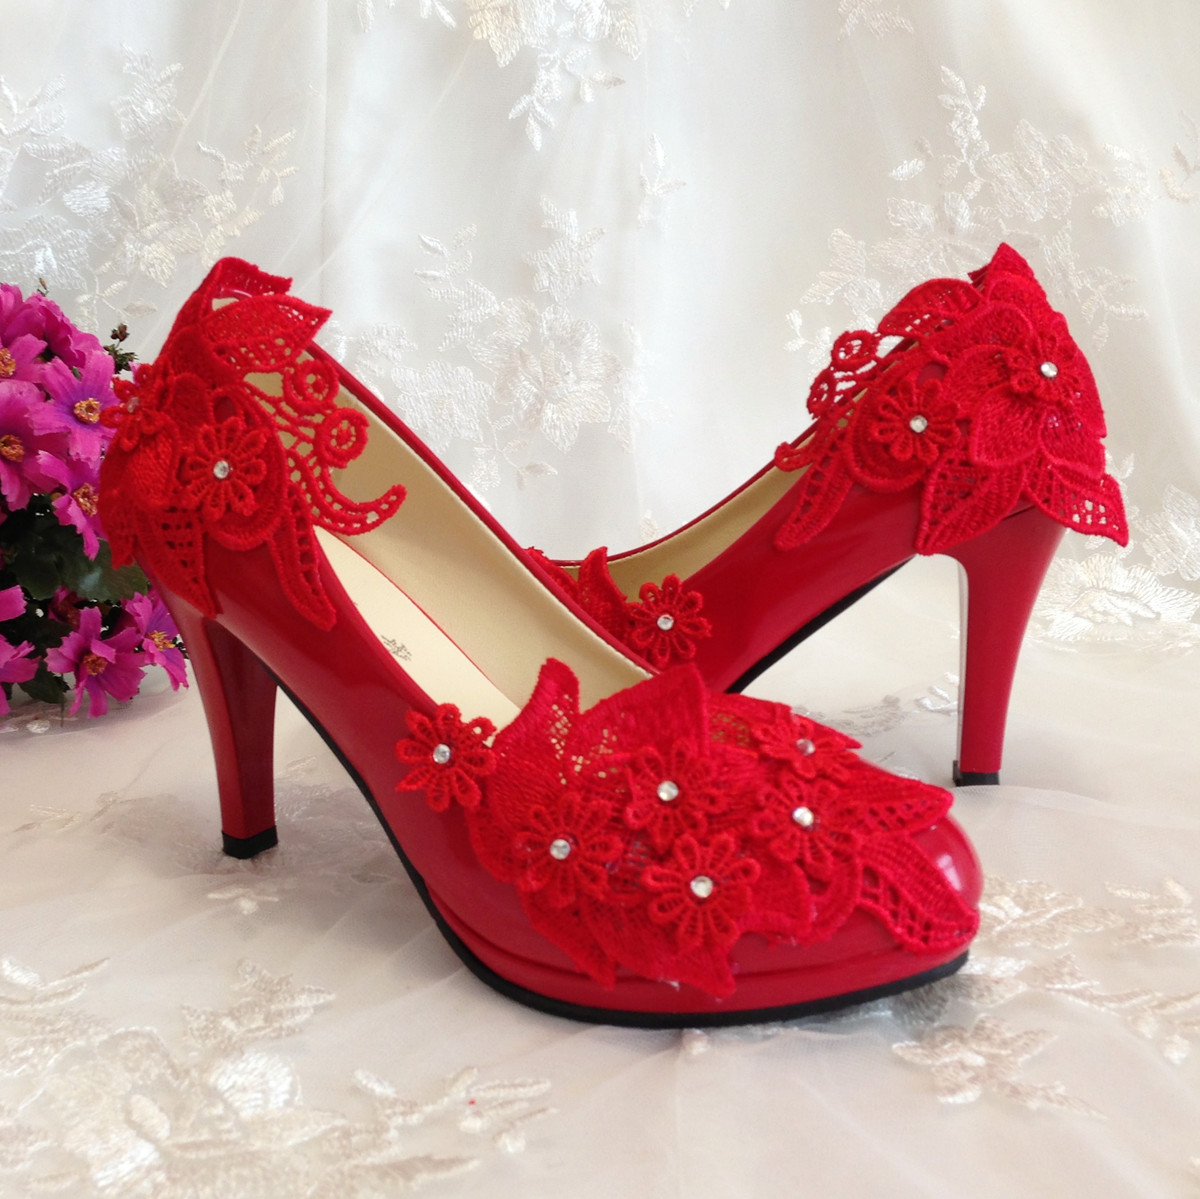 红色婚鞋新娘结婚高跟 结婚季蕾丝水钻婚礼鞋萝莉公主宴会鞋礼服鞋结婚鞋